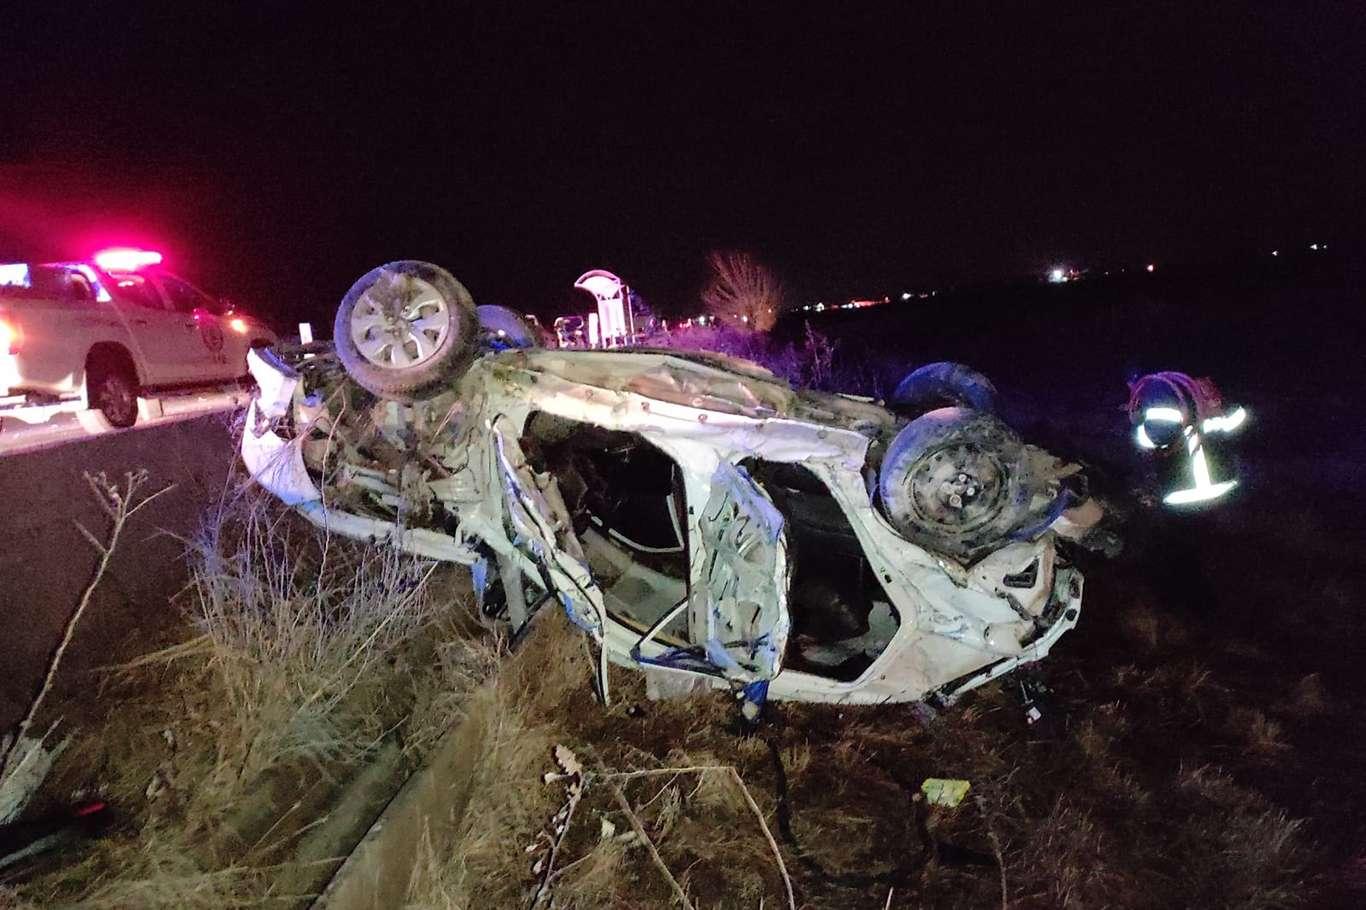 Şanlıurfa'da beton mikseri ile otomobil çarpıştı: 4 ölü